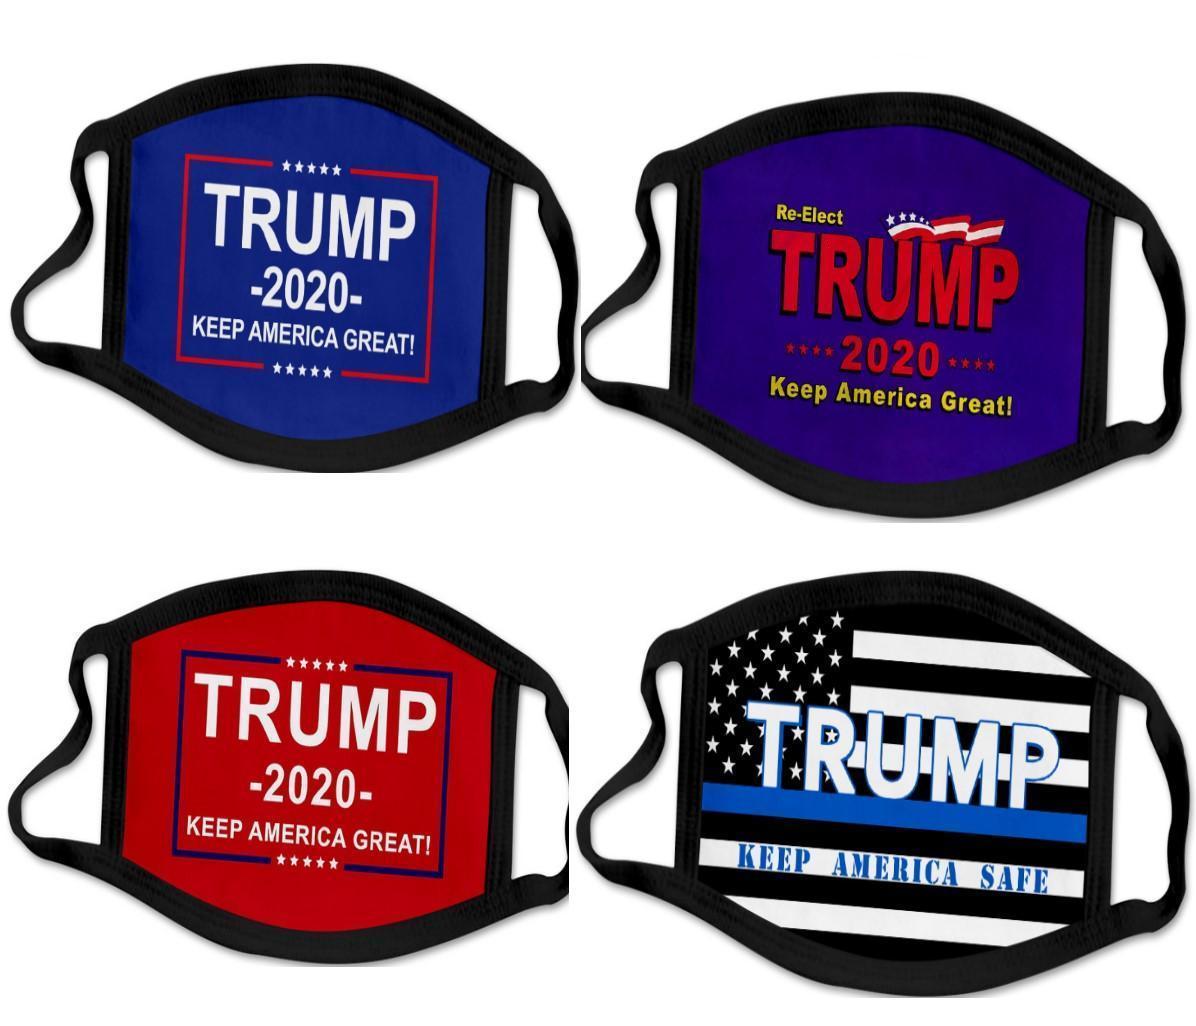 Типы 3D Printing Trump 2020 46 Маска Ветрозащитные хлопковые Маски для взрослых Детские Американские выборы Соединенные Штаты Маска Черная маска DHL